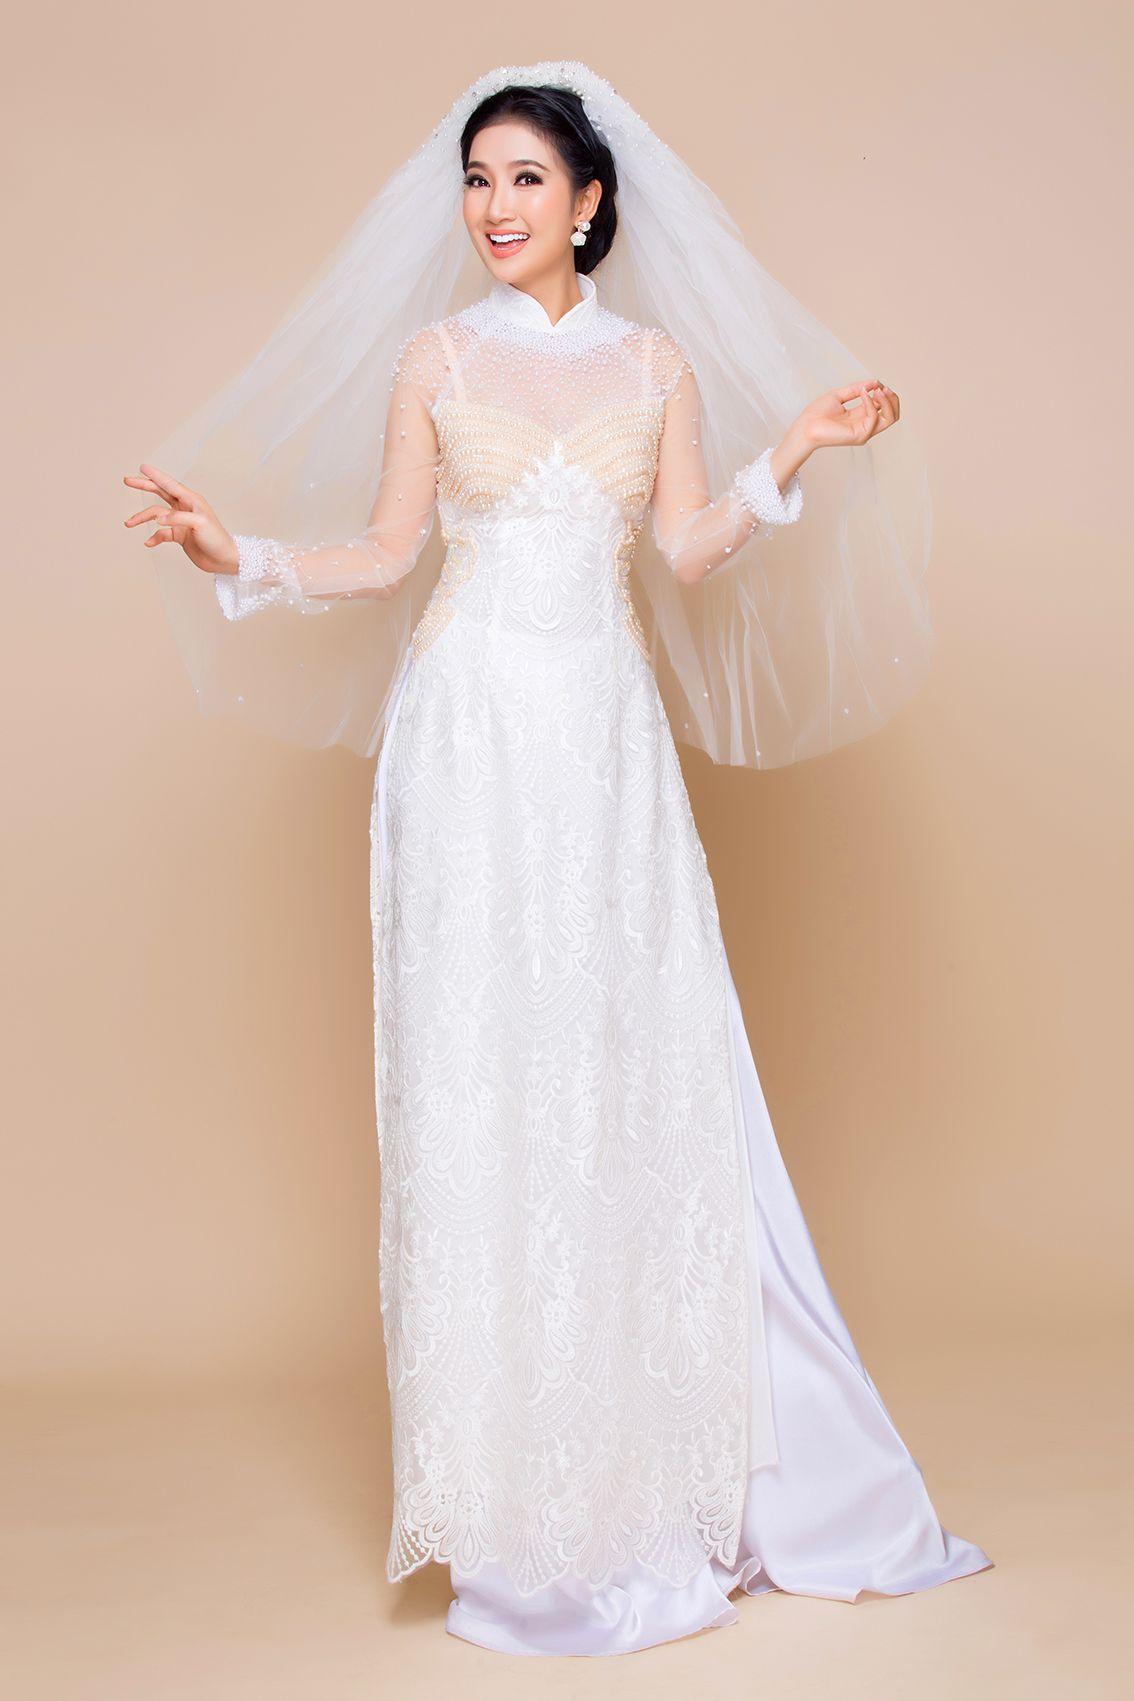 Mẫu áo dài cưới ren nổi màu trắng đẹp